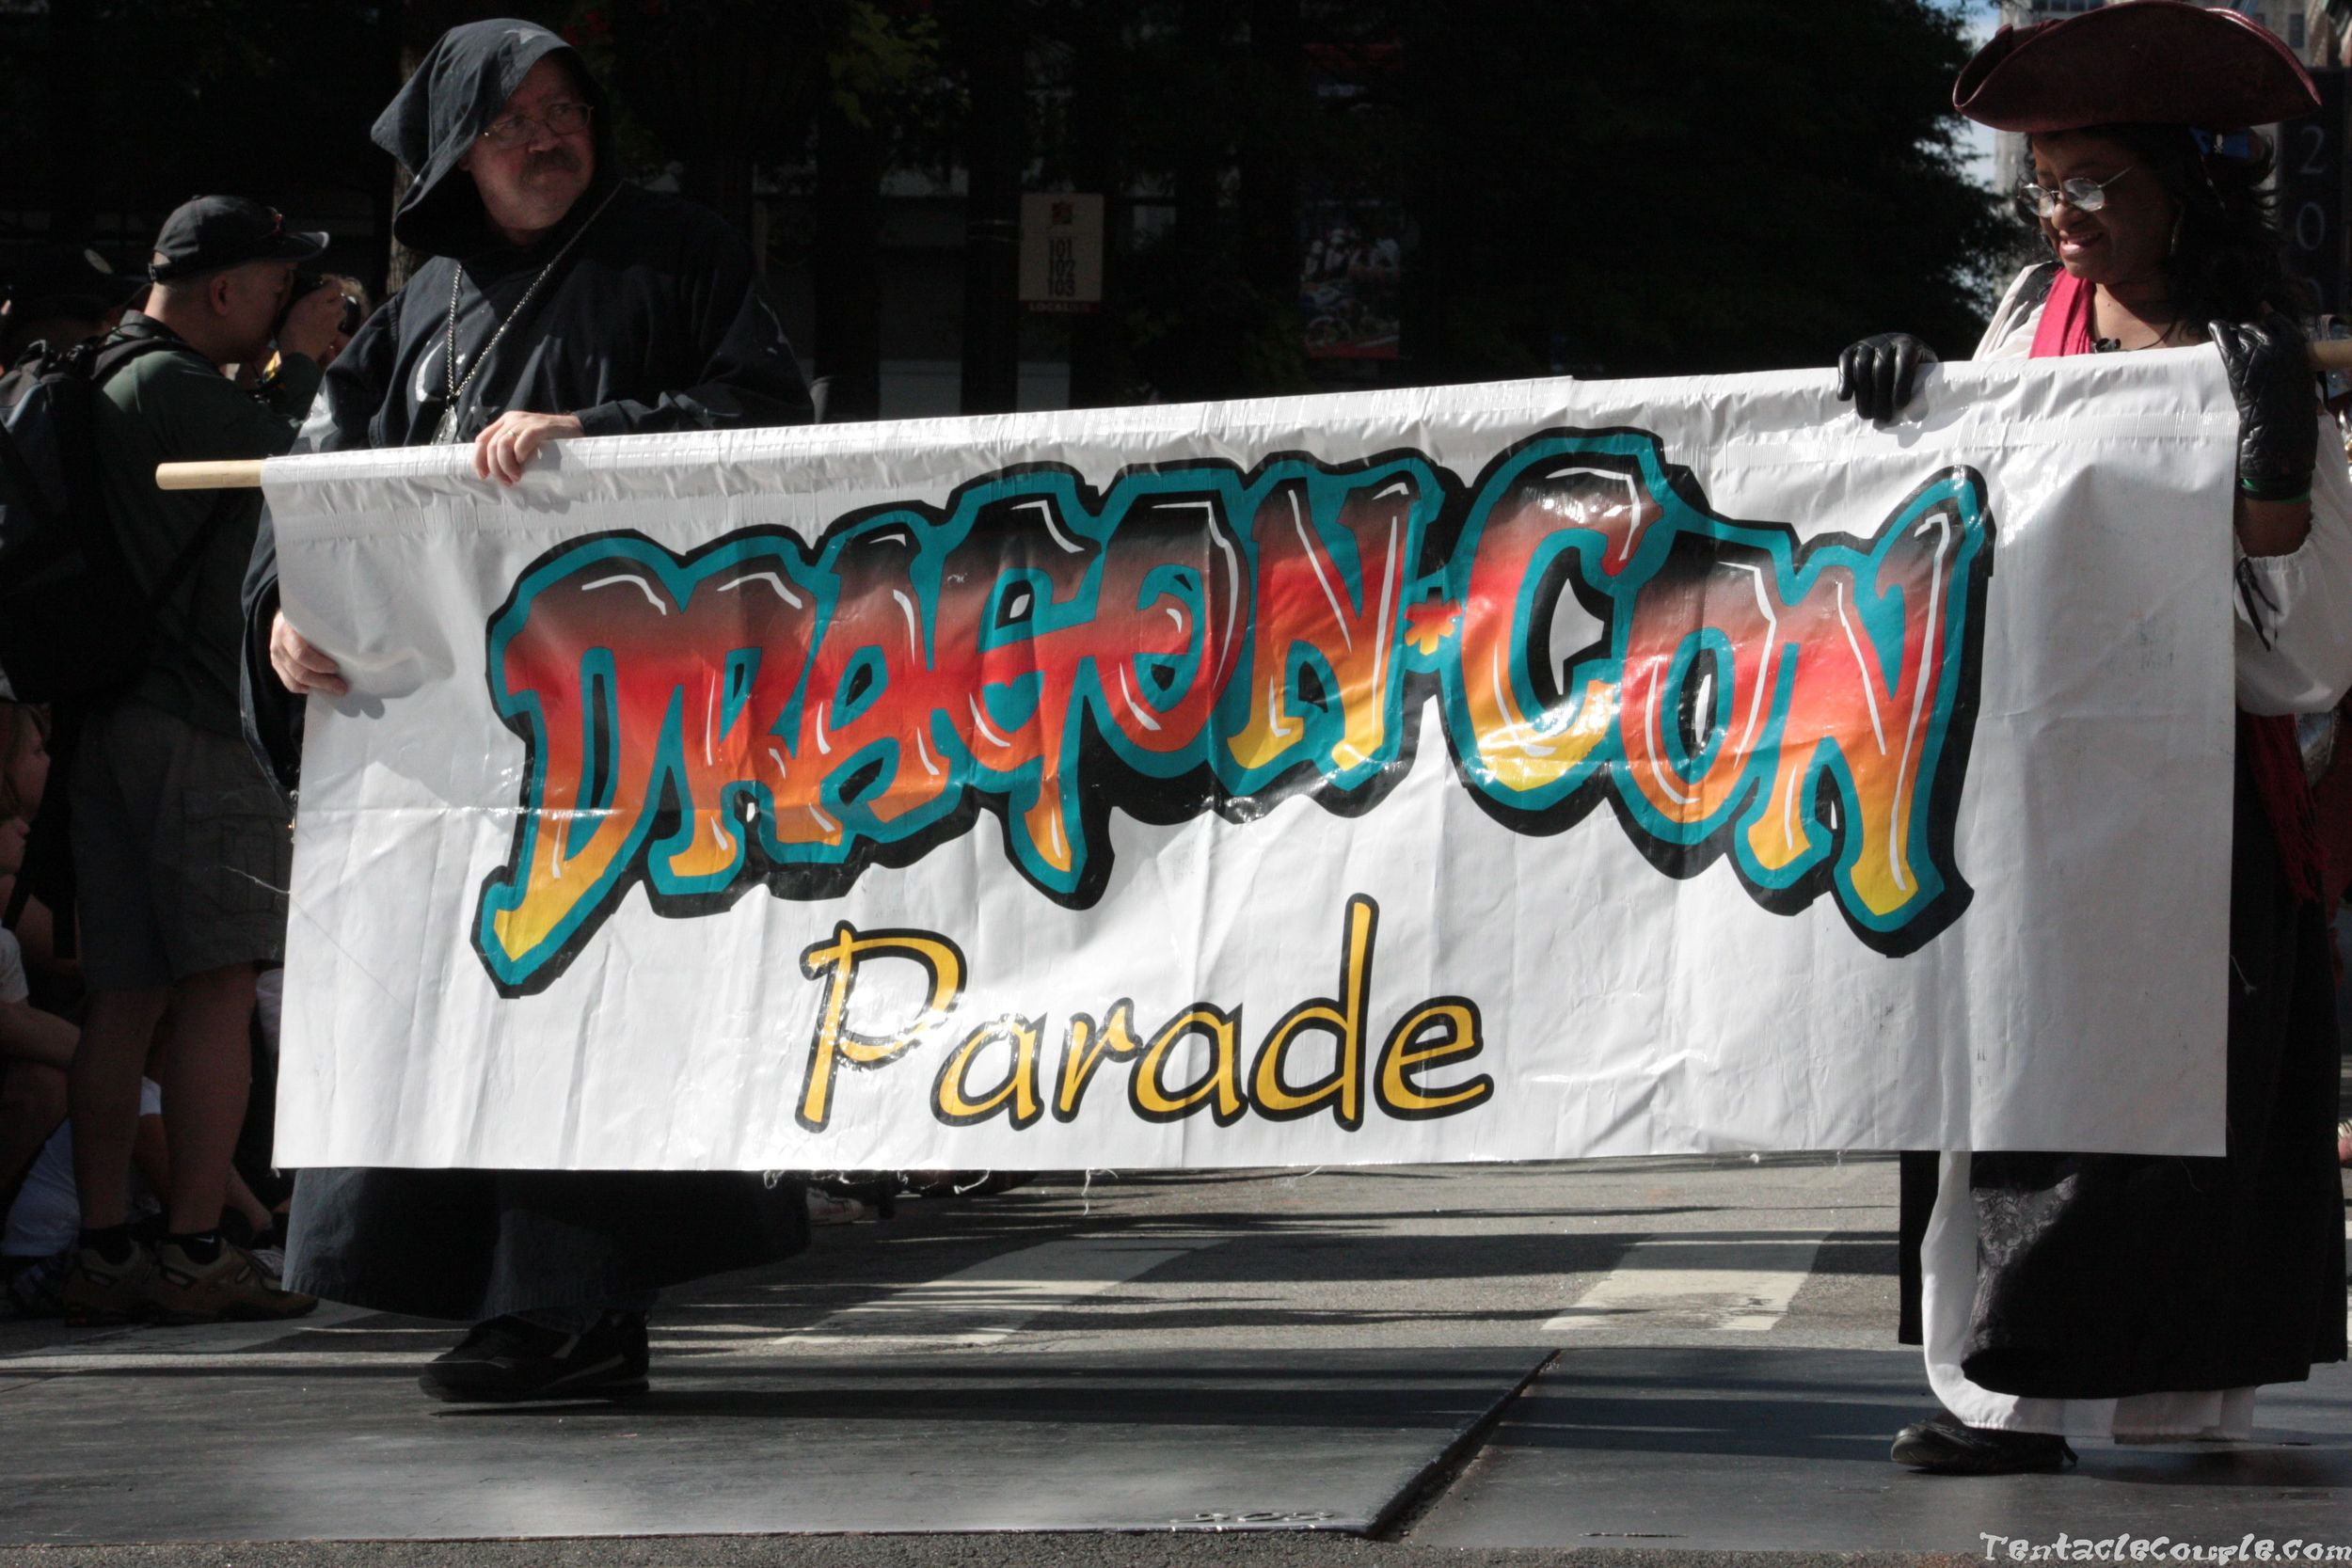 Peachtree Parade